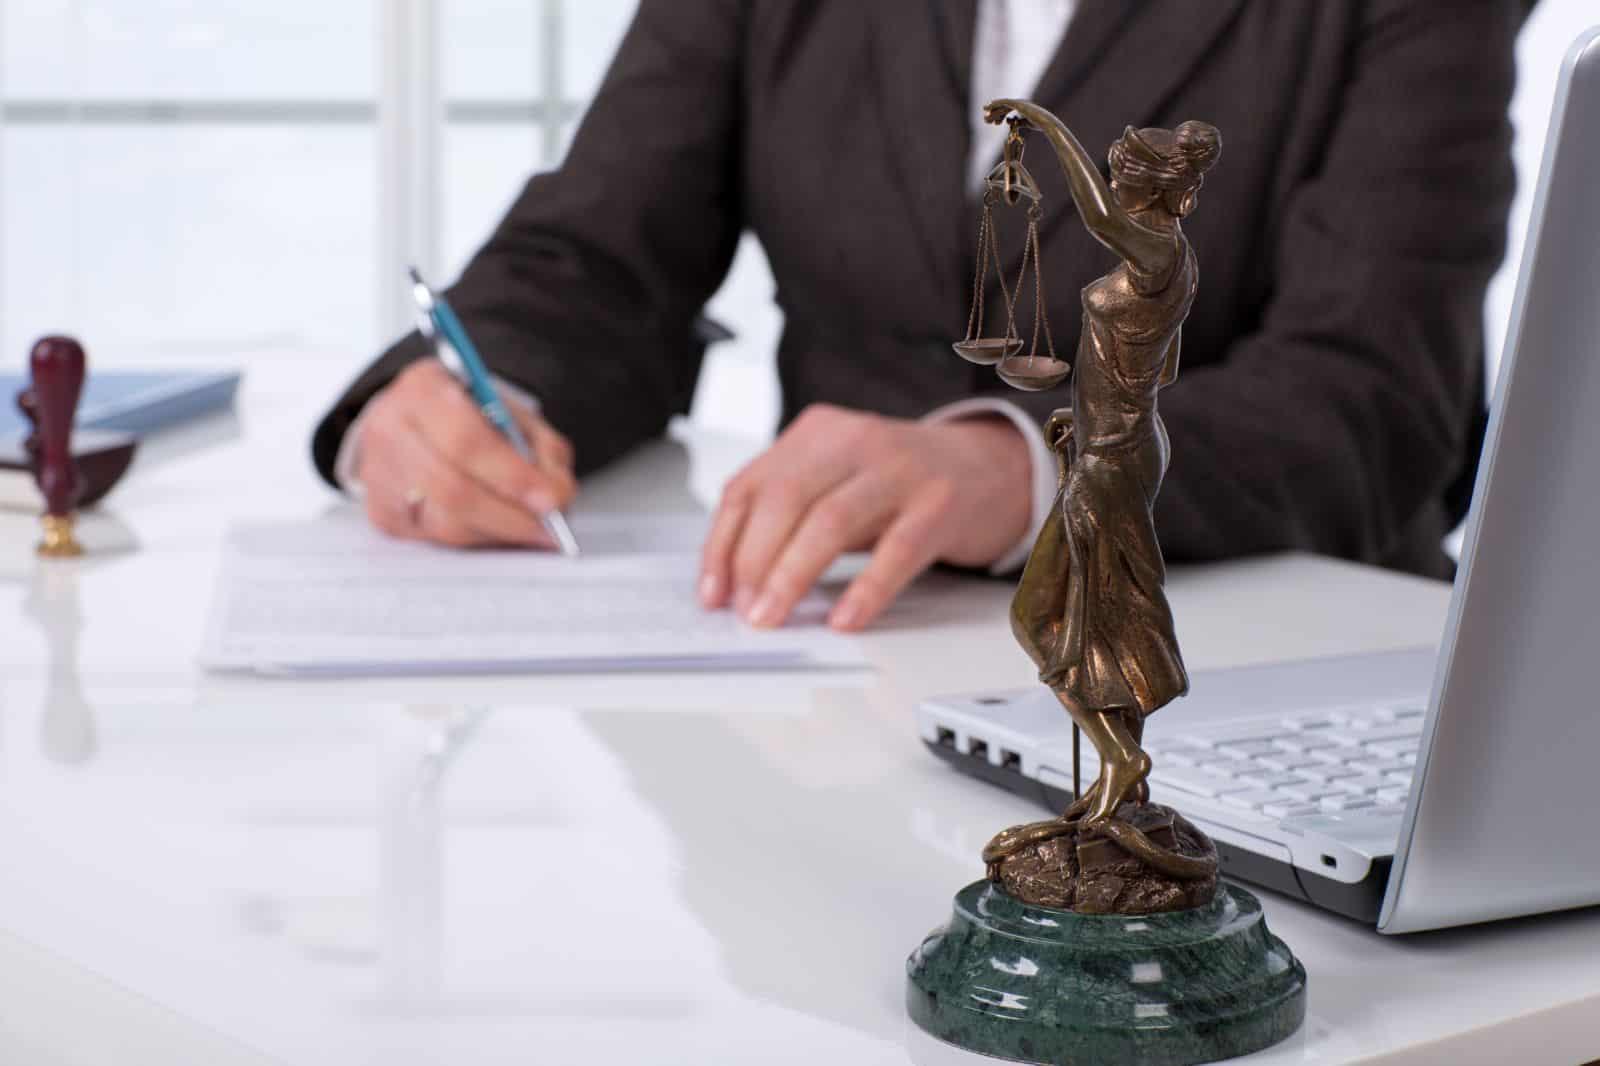 заполнение бланка заявления о получении пенсии